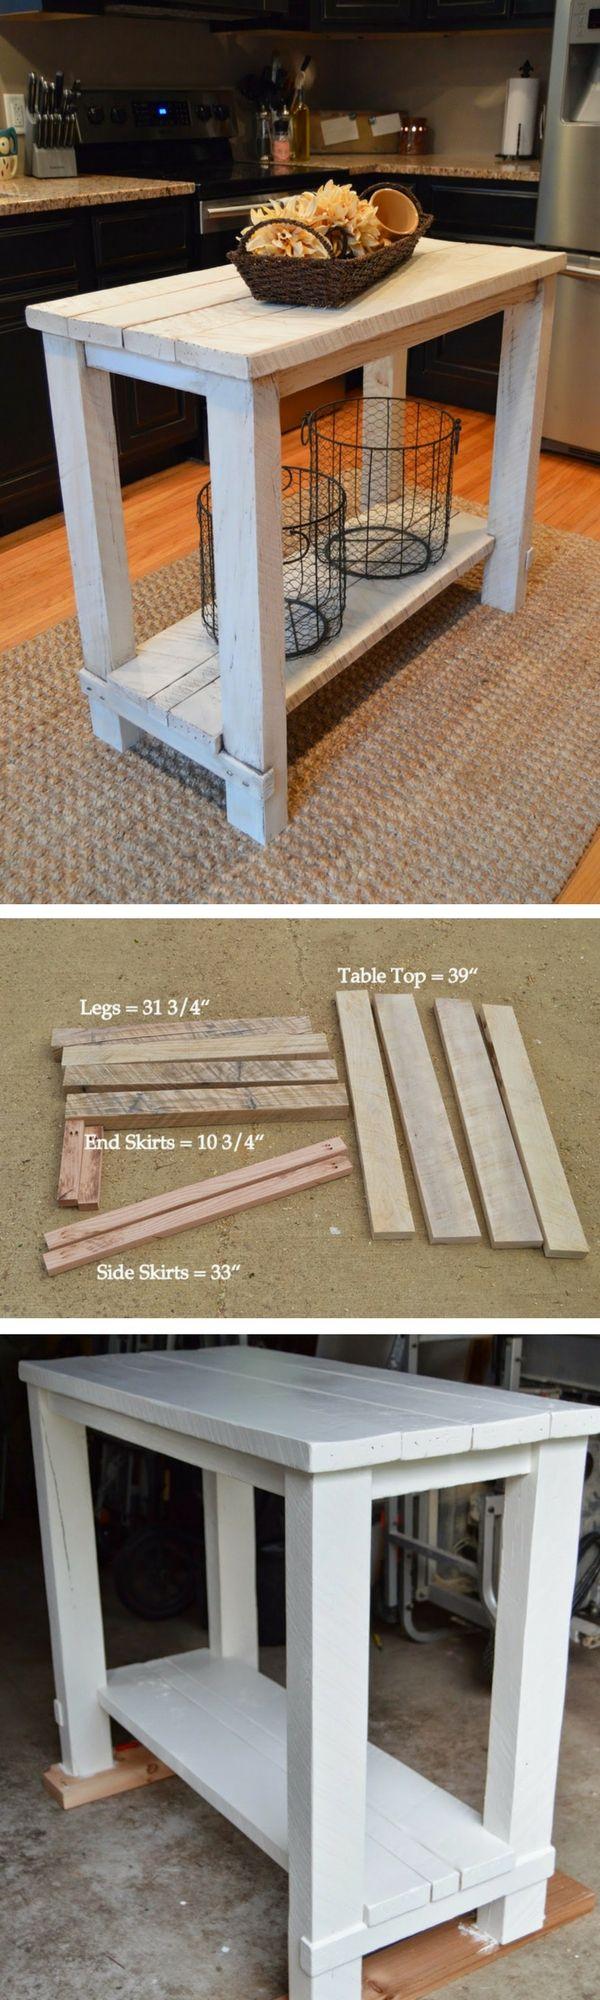 12 unbelievable beginner wood working ideas diy kids furniture boys in 2019 diy kitchen on kitchen island ideas kids id=30967